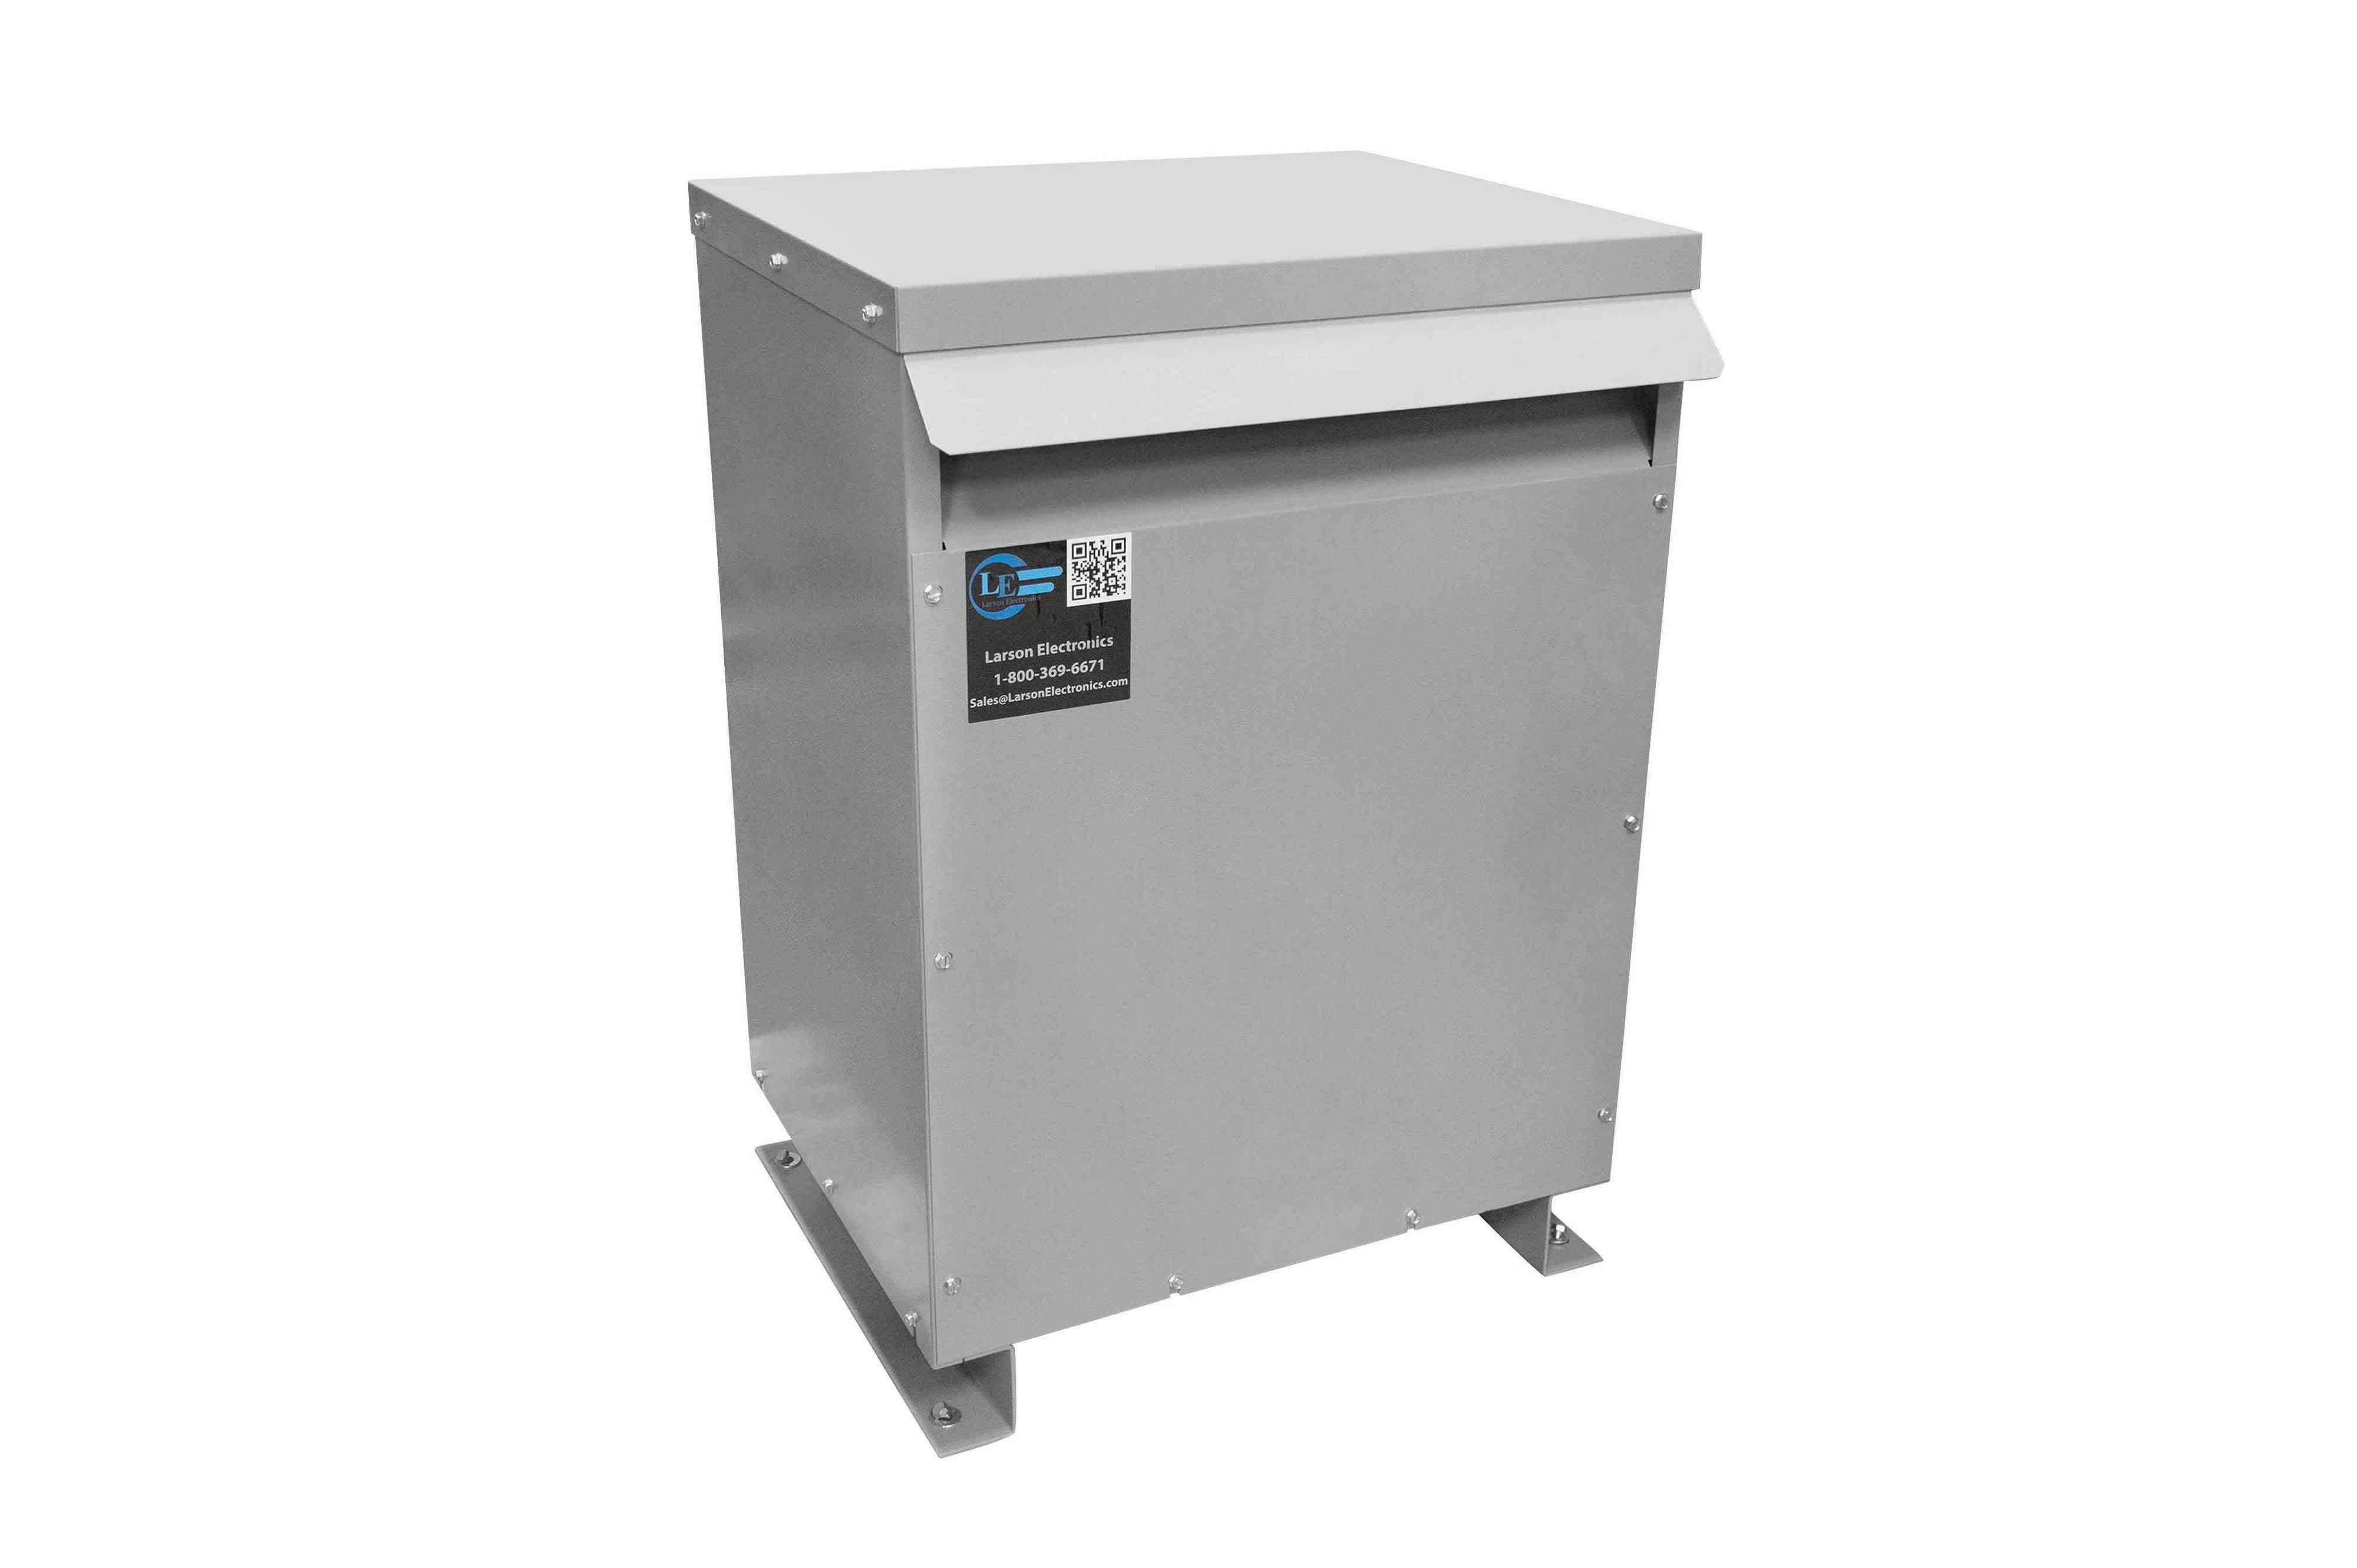 175 kVA 3PH Isolation Transformer, 380V Delta Primary, 208V Delta Secondary, N3R, Ventilated, 60 Hz